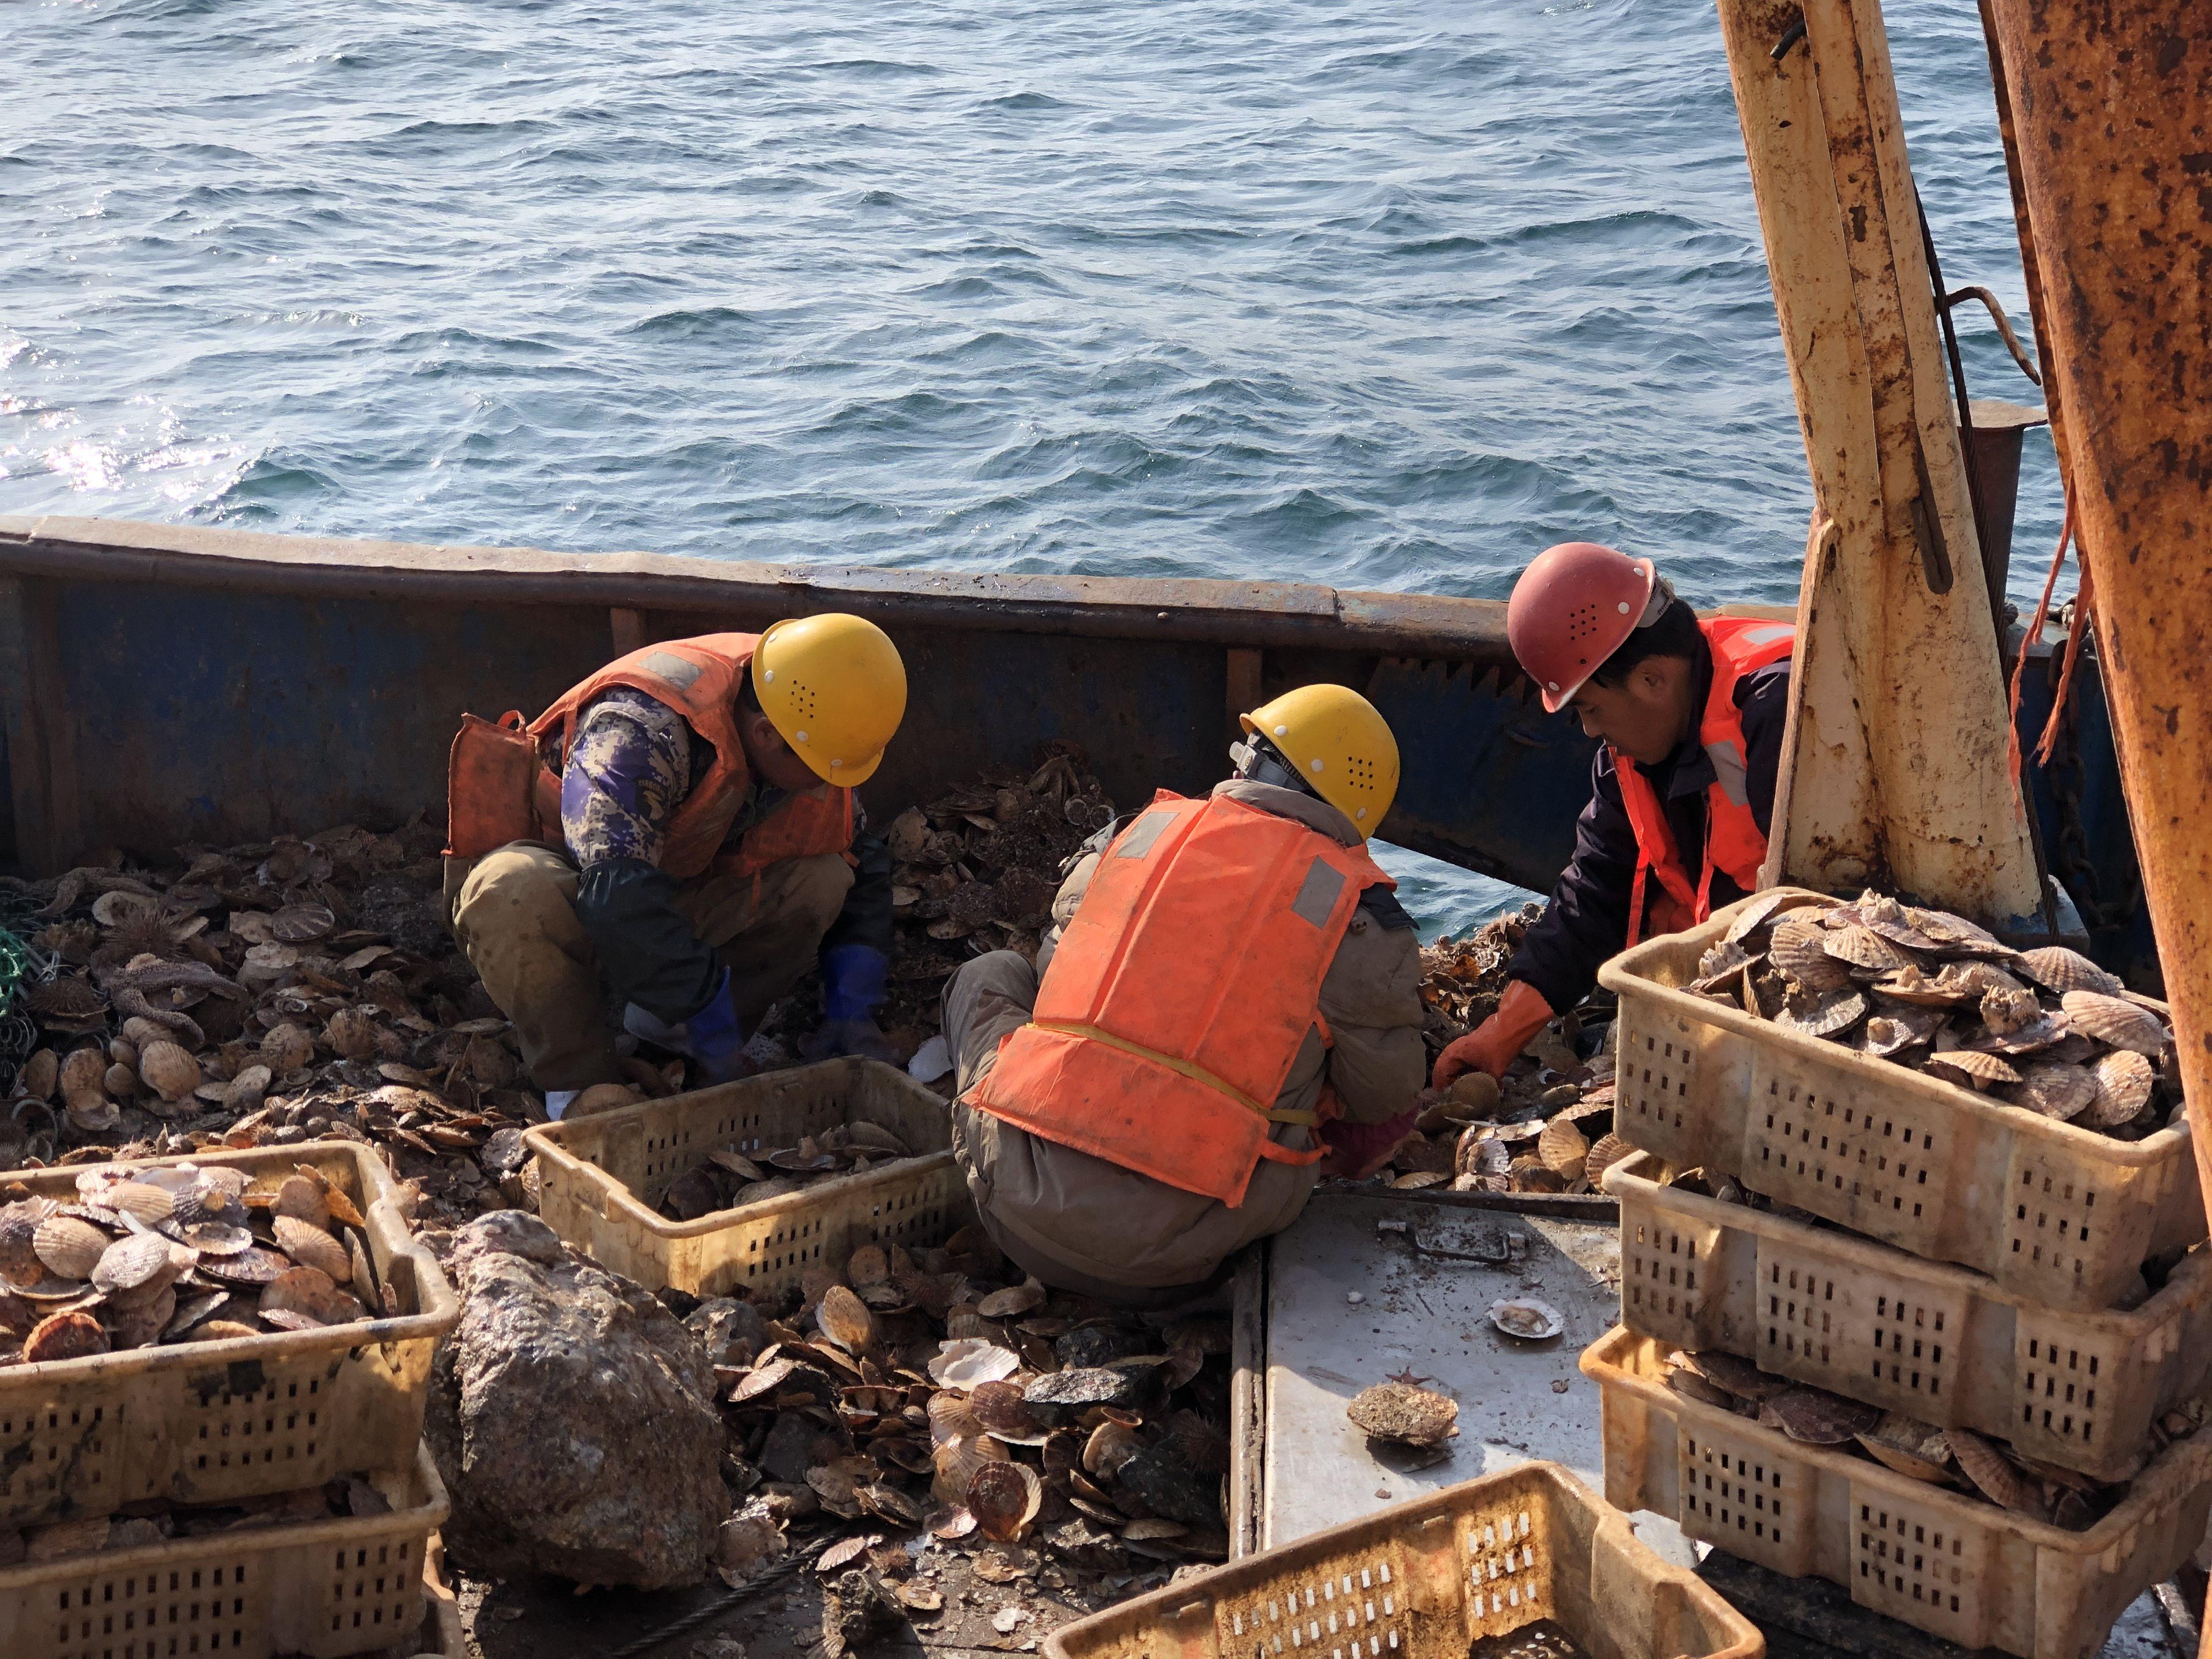 獐子岛自证清白遭岛民质疑:临近的岛扇贝收成良好